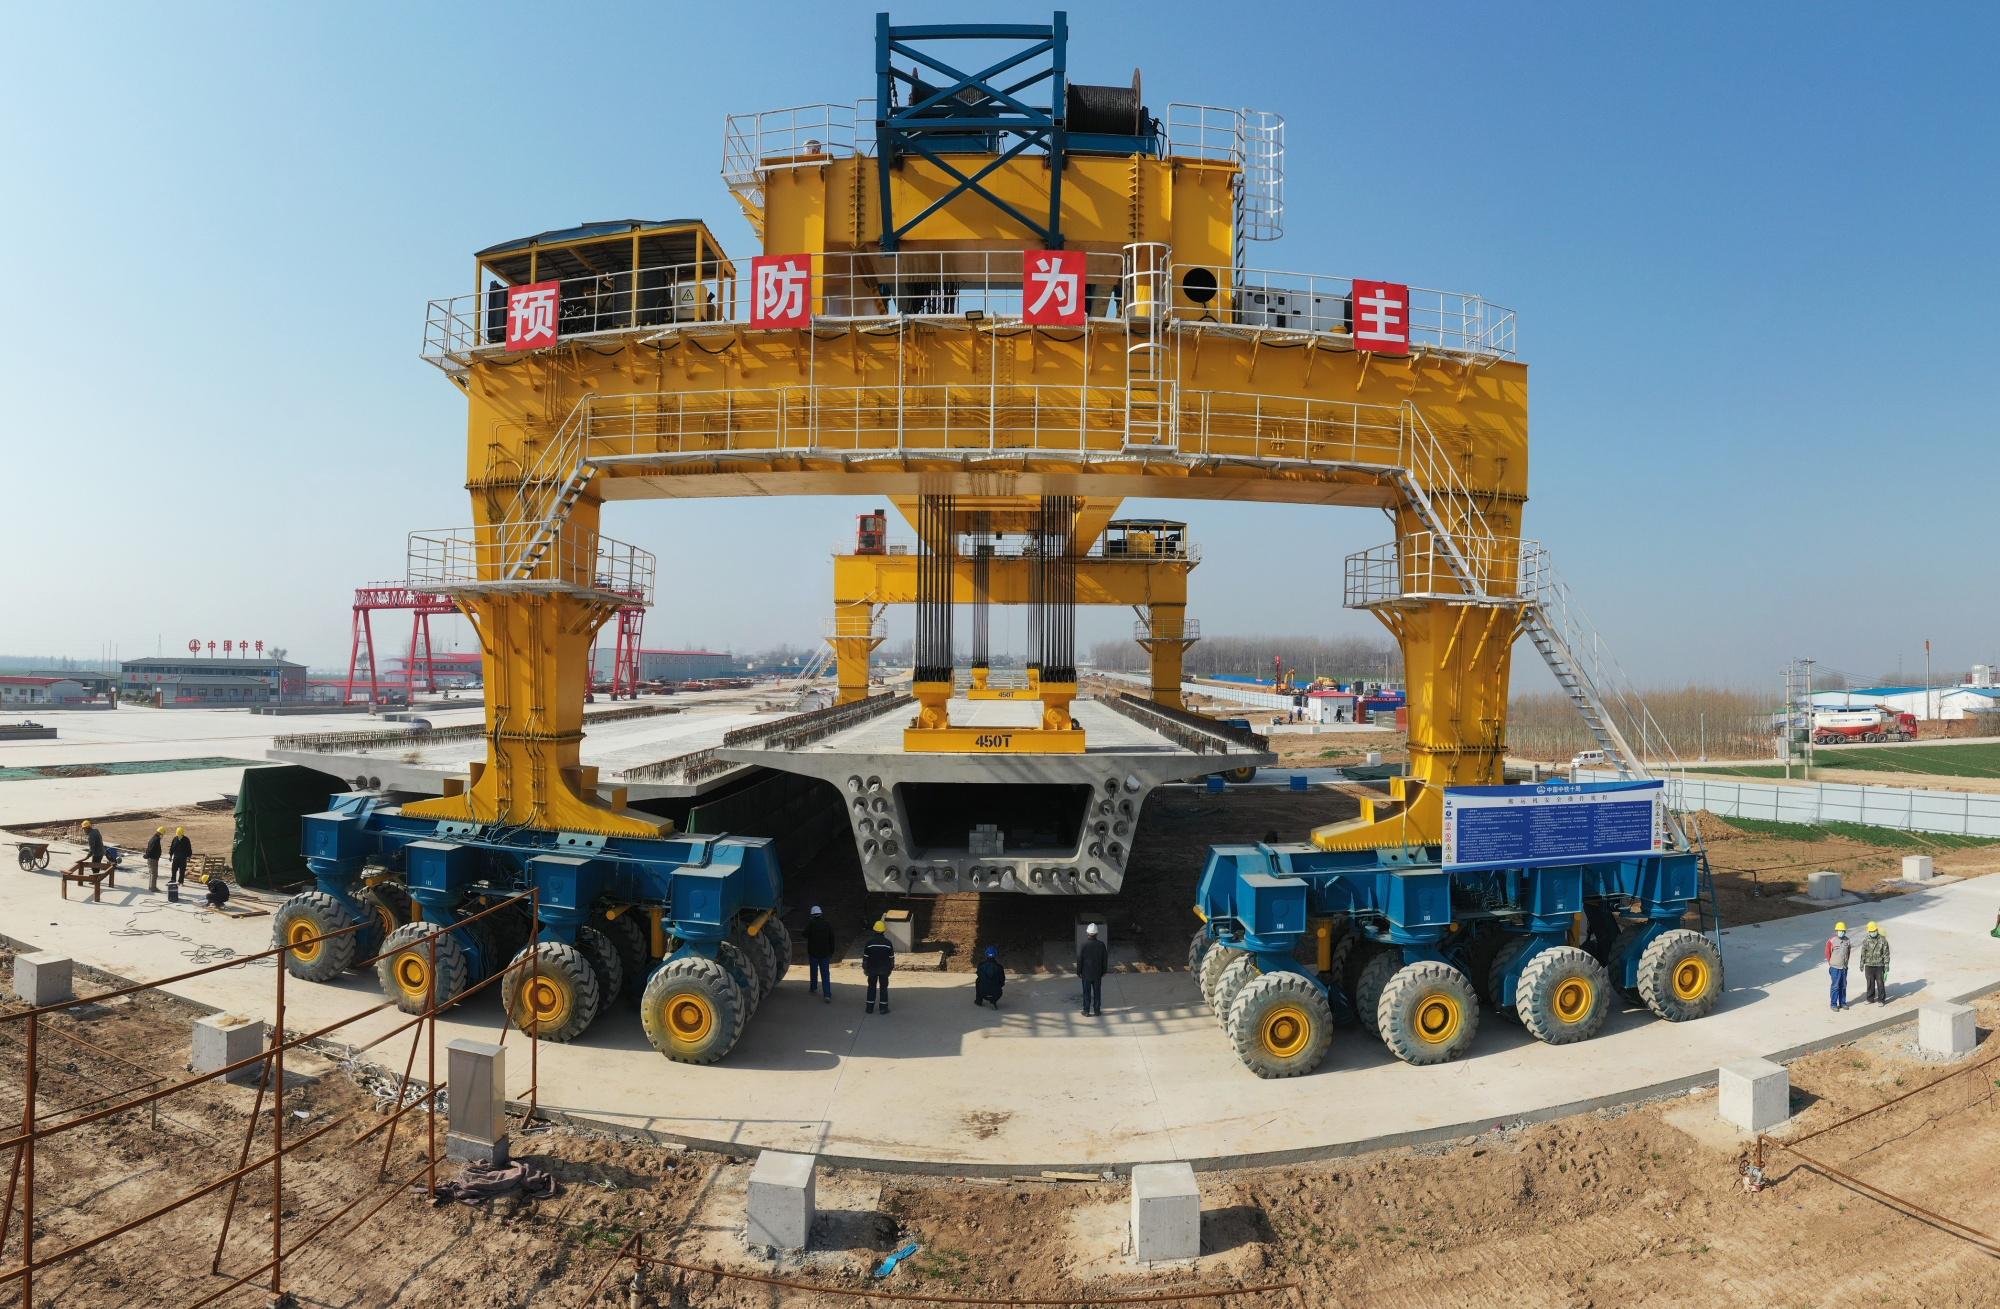 Pembangunan kereta api berkecepatan tinggi di Heze, Provinsi Shandong pada 23 Februari.